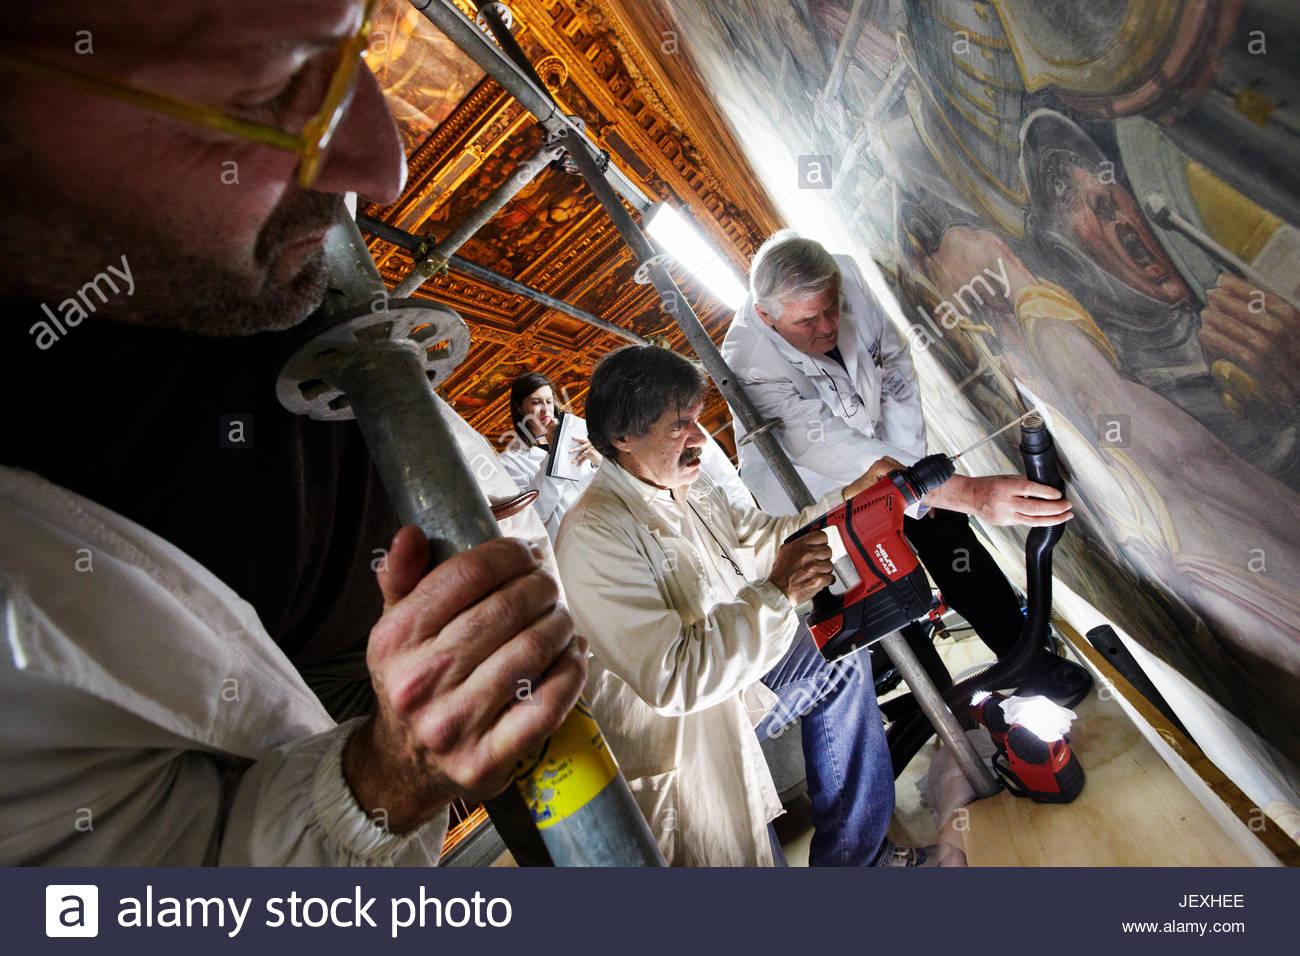 Restauratori dall' Opificio delle Pietre Dure trapanare fori passanti messi a disposizione durante il ripristino Immagini Stock